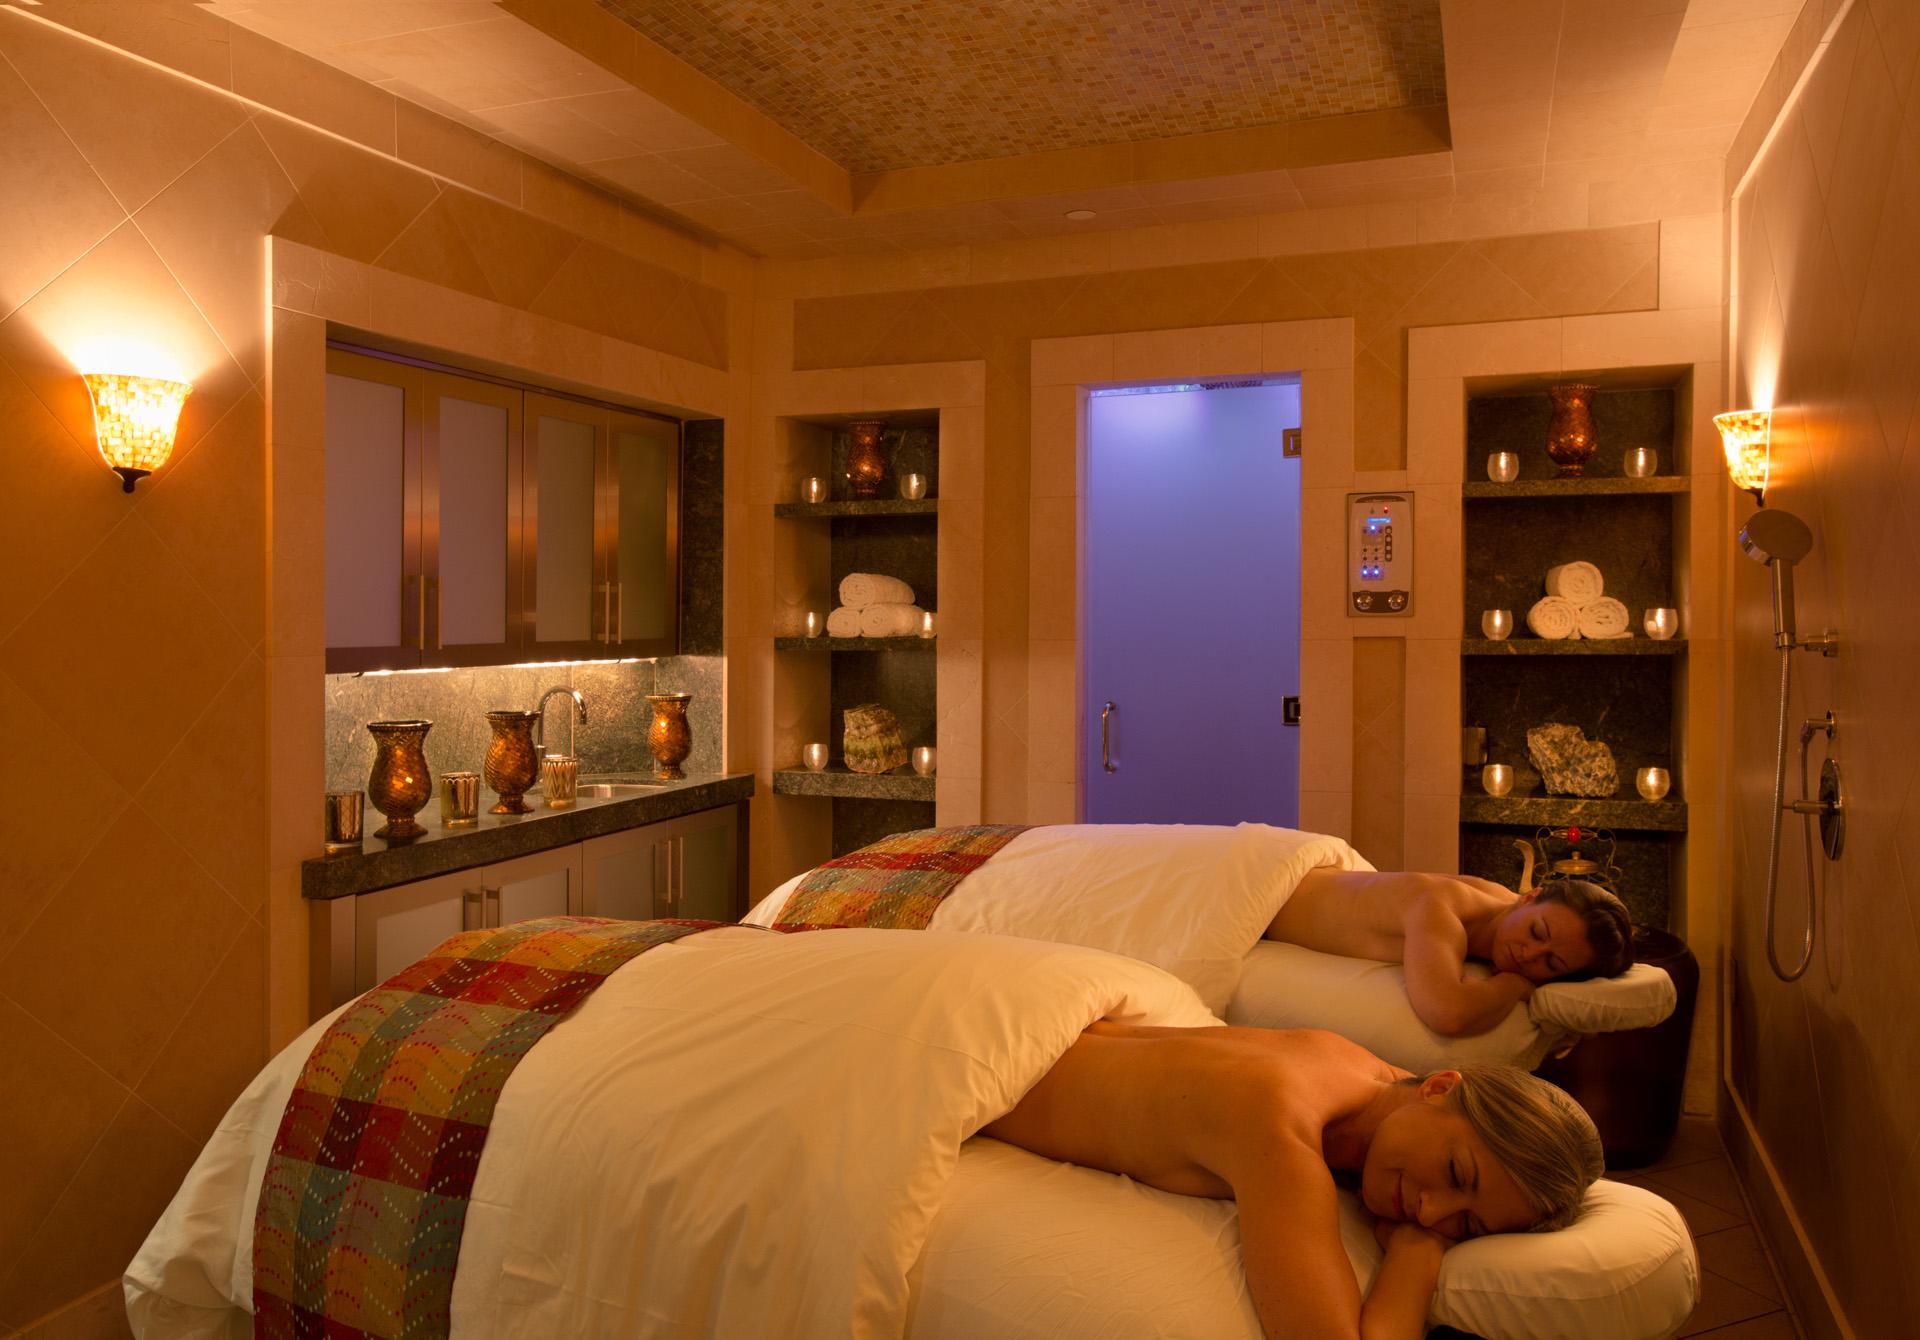 hospitality_tourism_28